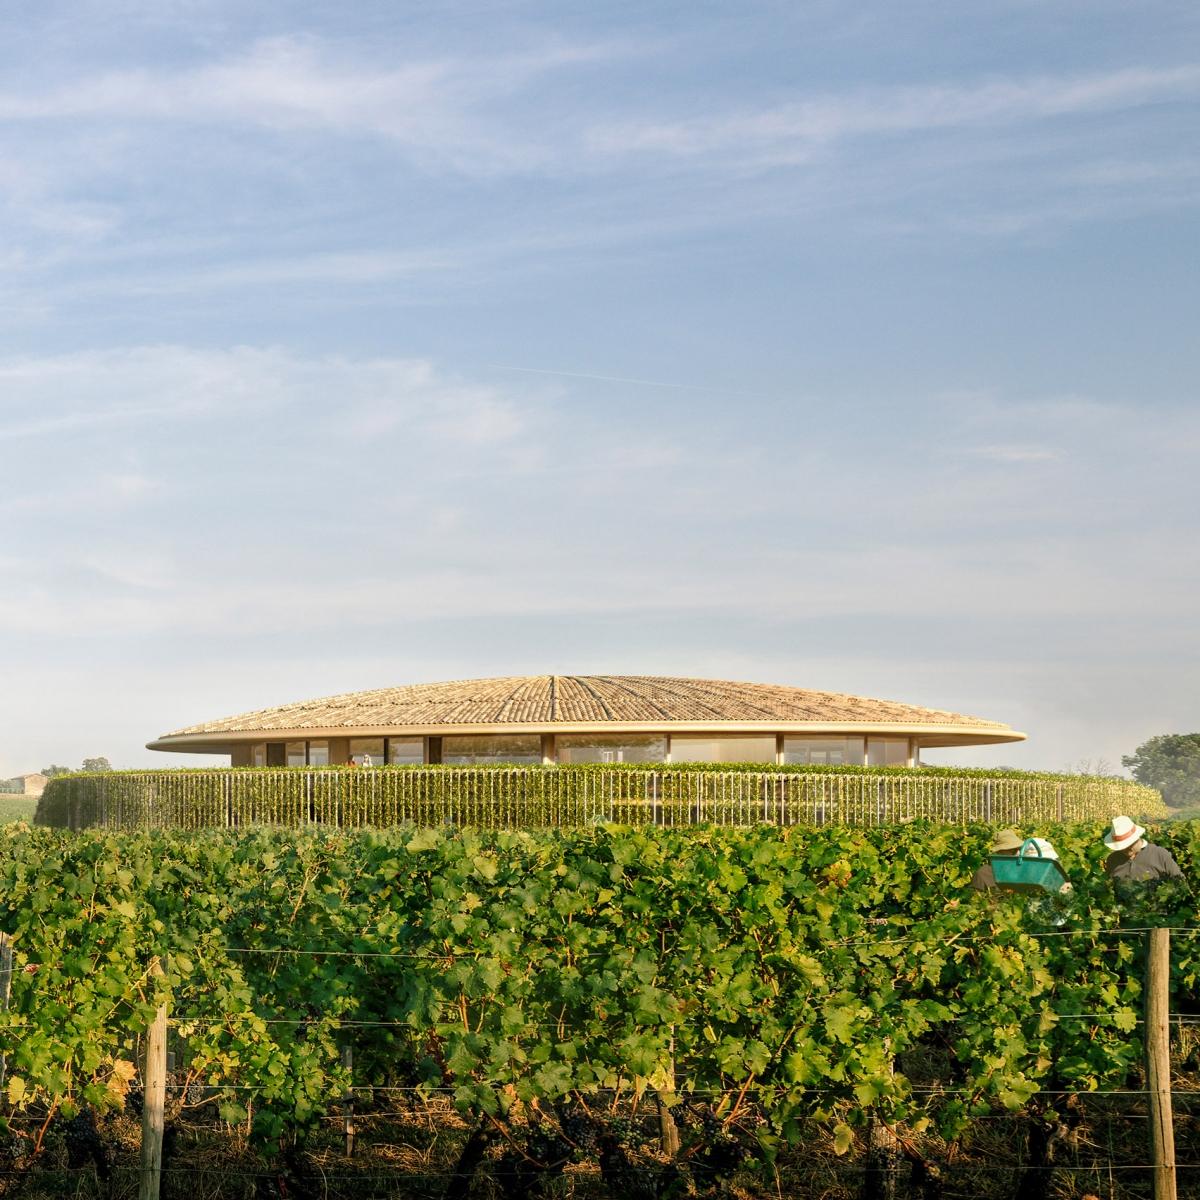 Một trong những dự án nhỏ nhất trong danh sách này là Le Dôme, một nhà máy rượu đang được phát triển ở Saint-Émilion. Nó sẽ có dạng mái vòm đặc biệt, hơi dốc nhẹ với vật liệu từ đất nung.